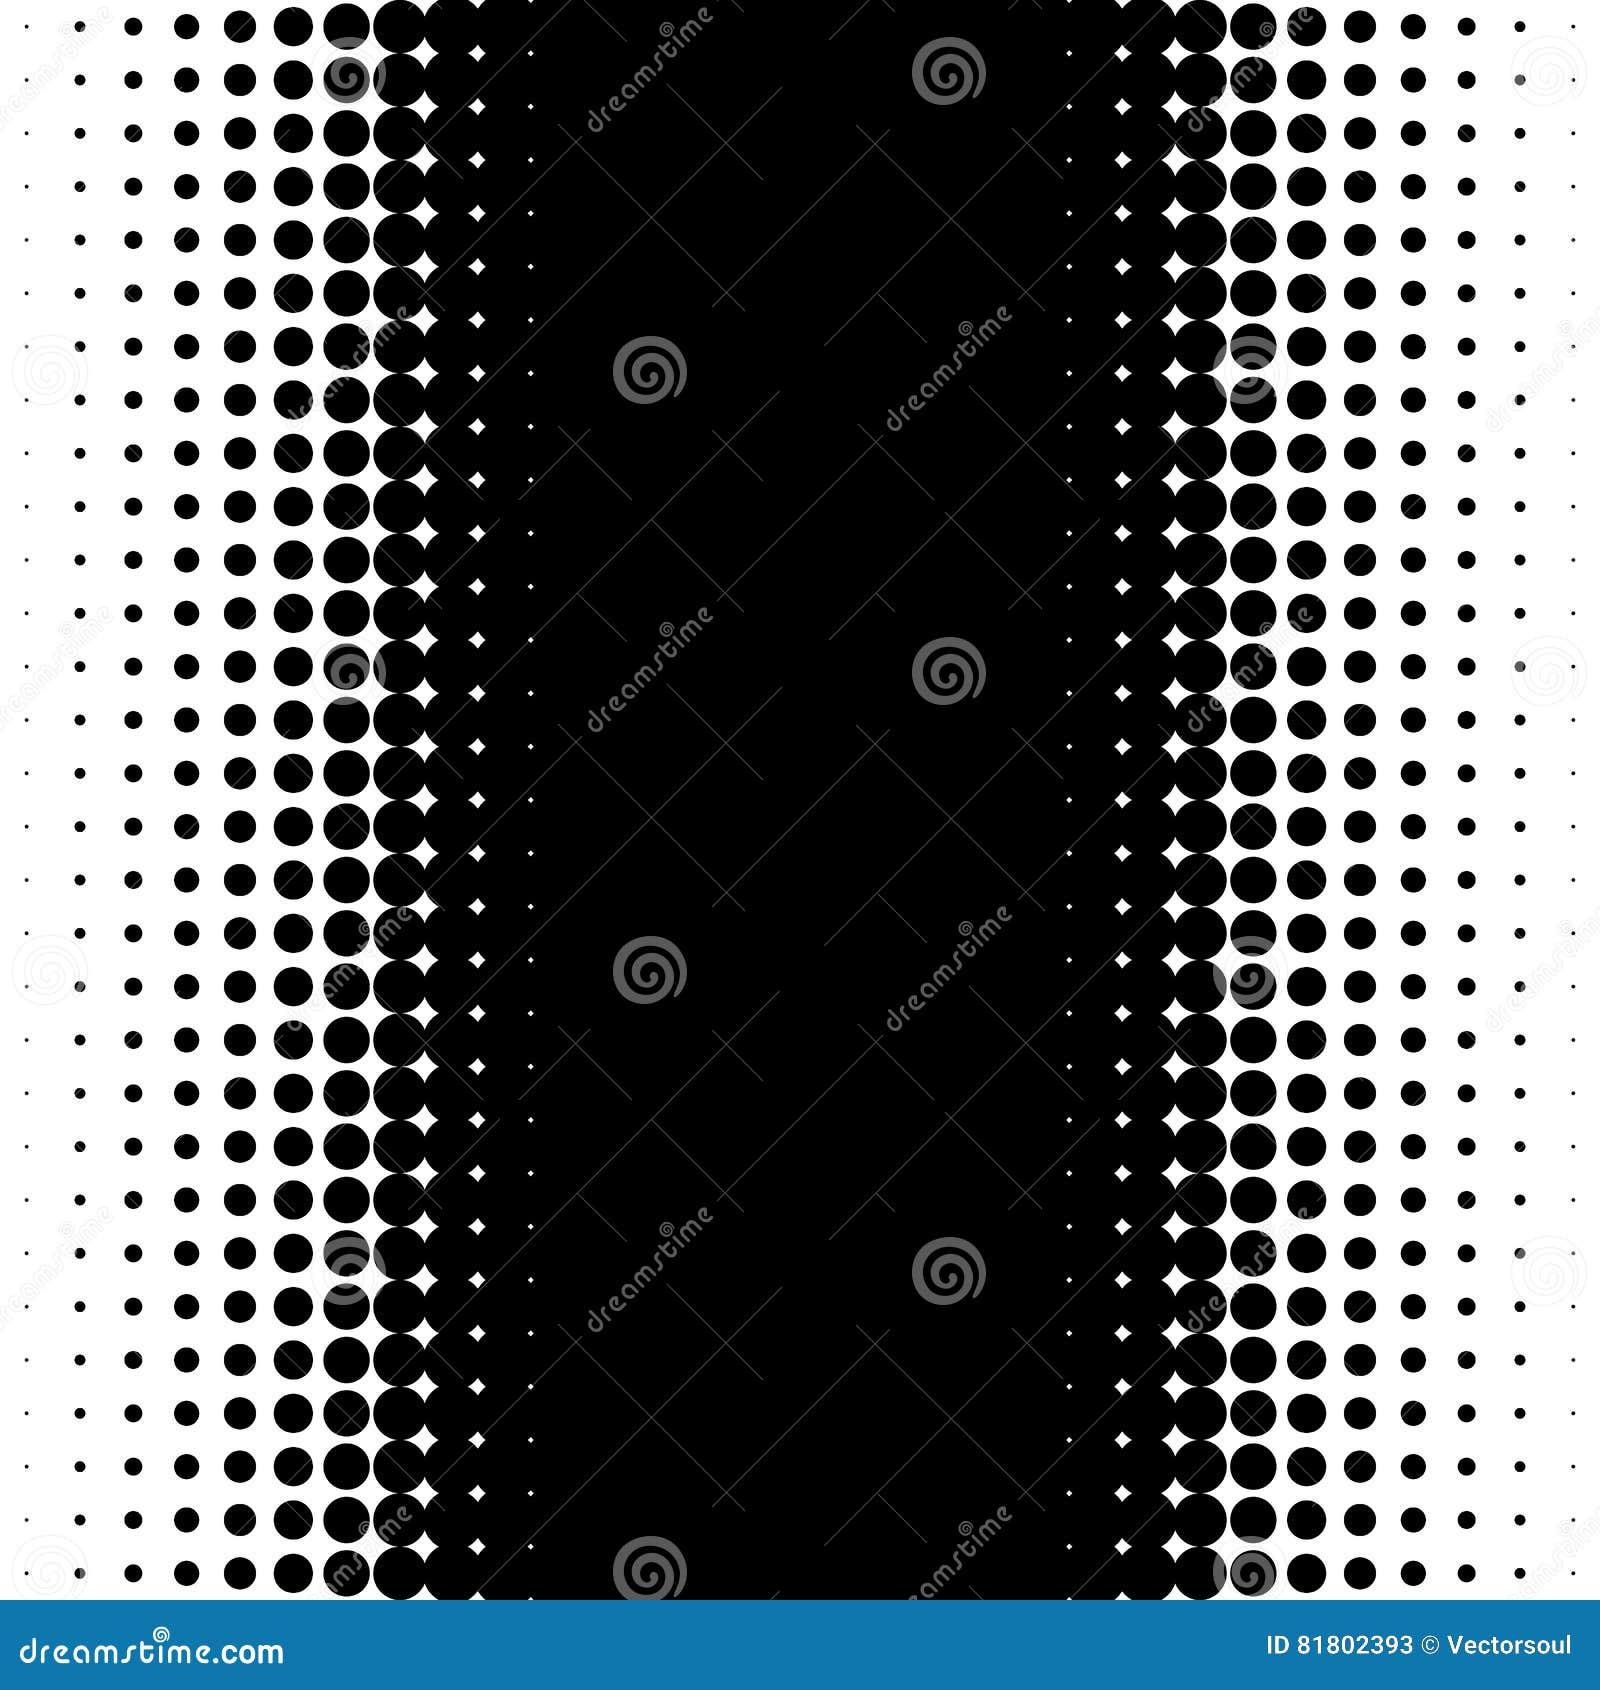 Вертикальная картина с точками - Monochrome textu полутонового изображения полутонового изображения